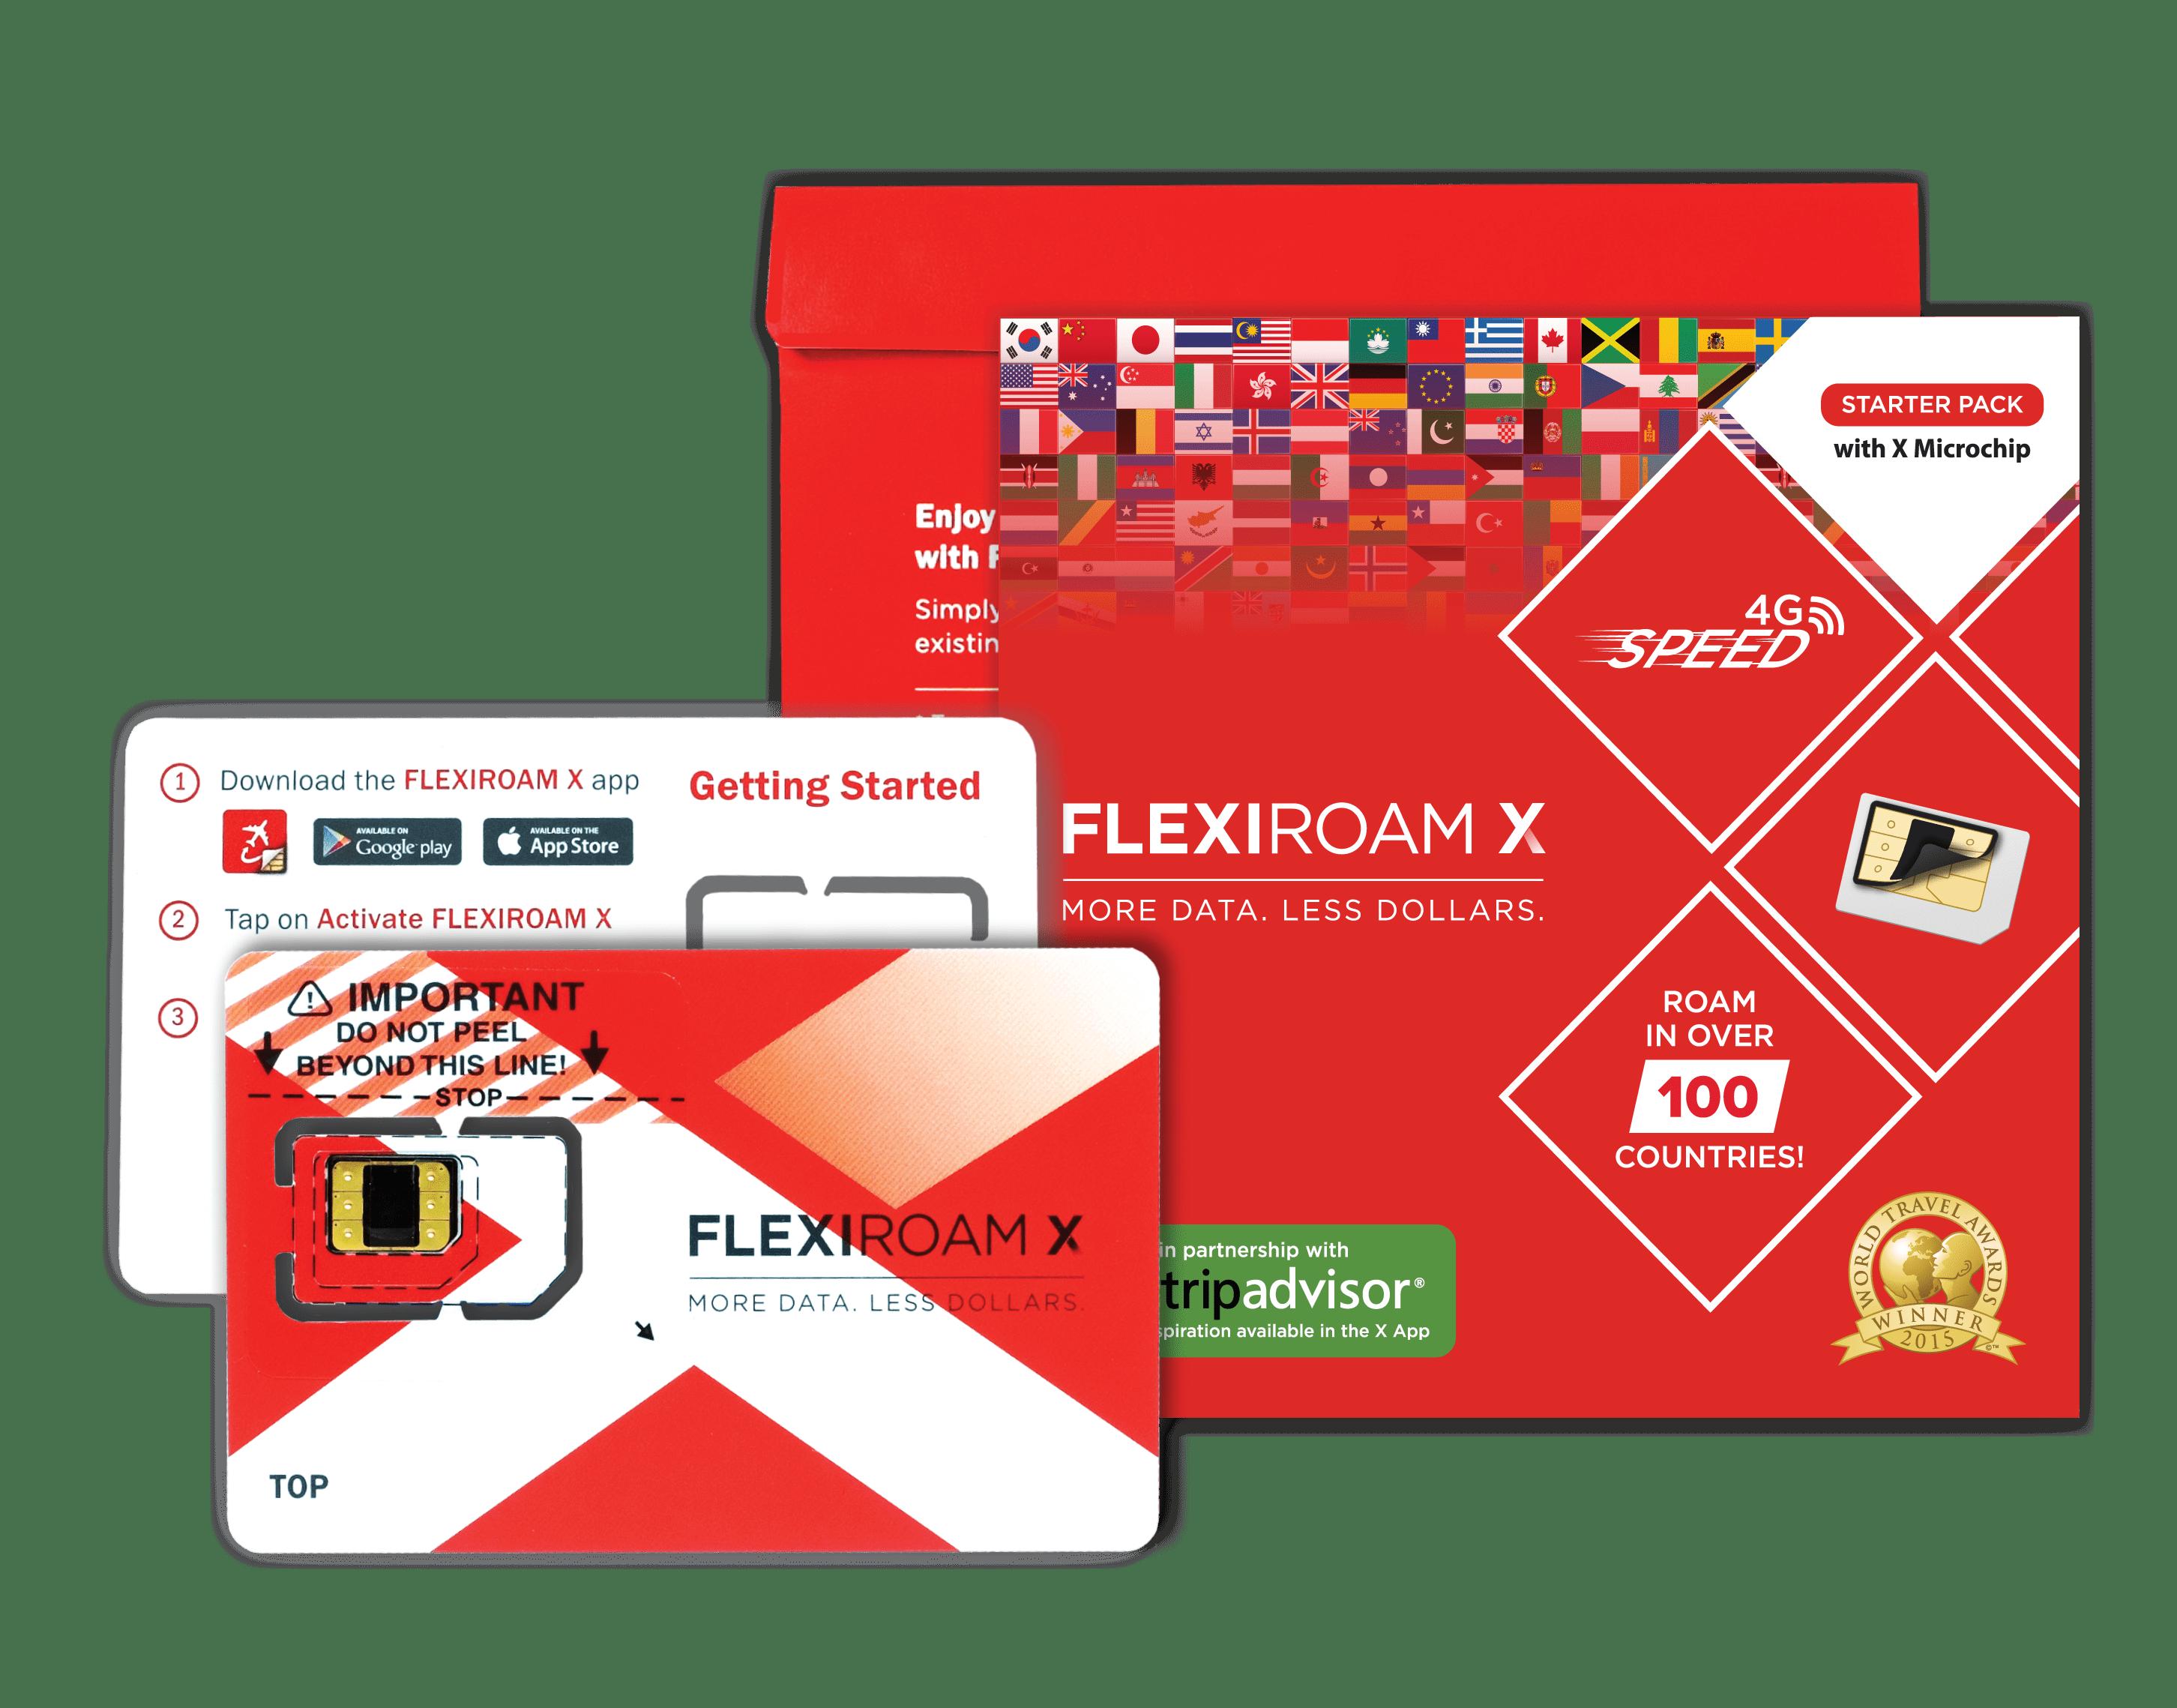 Flexiroam X - Starter Pack with Microchip